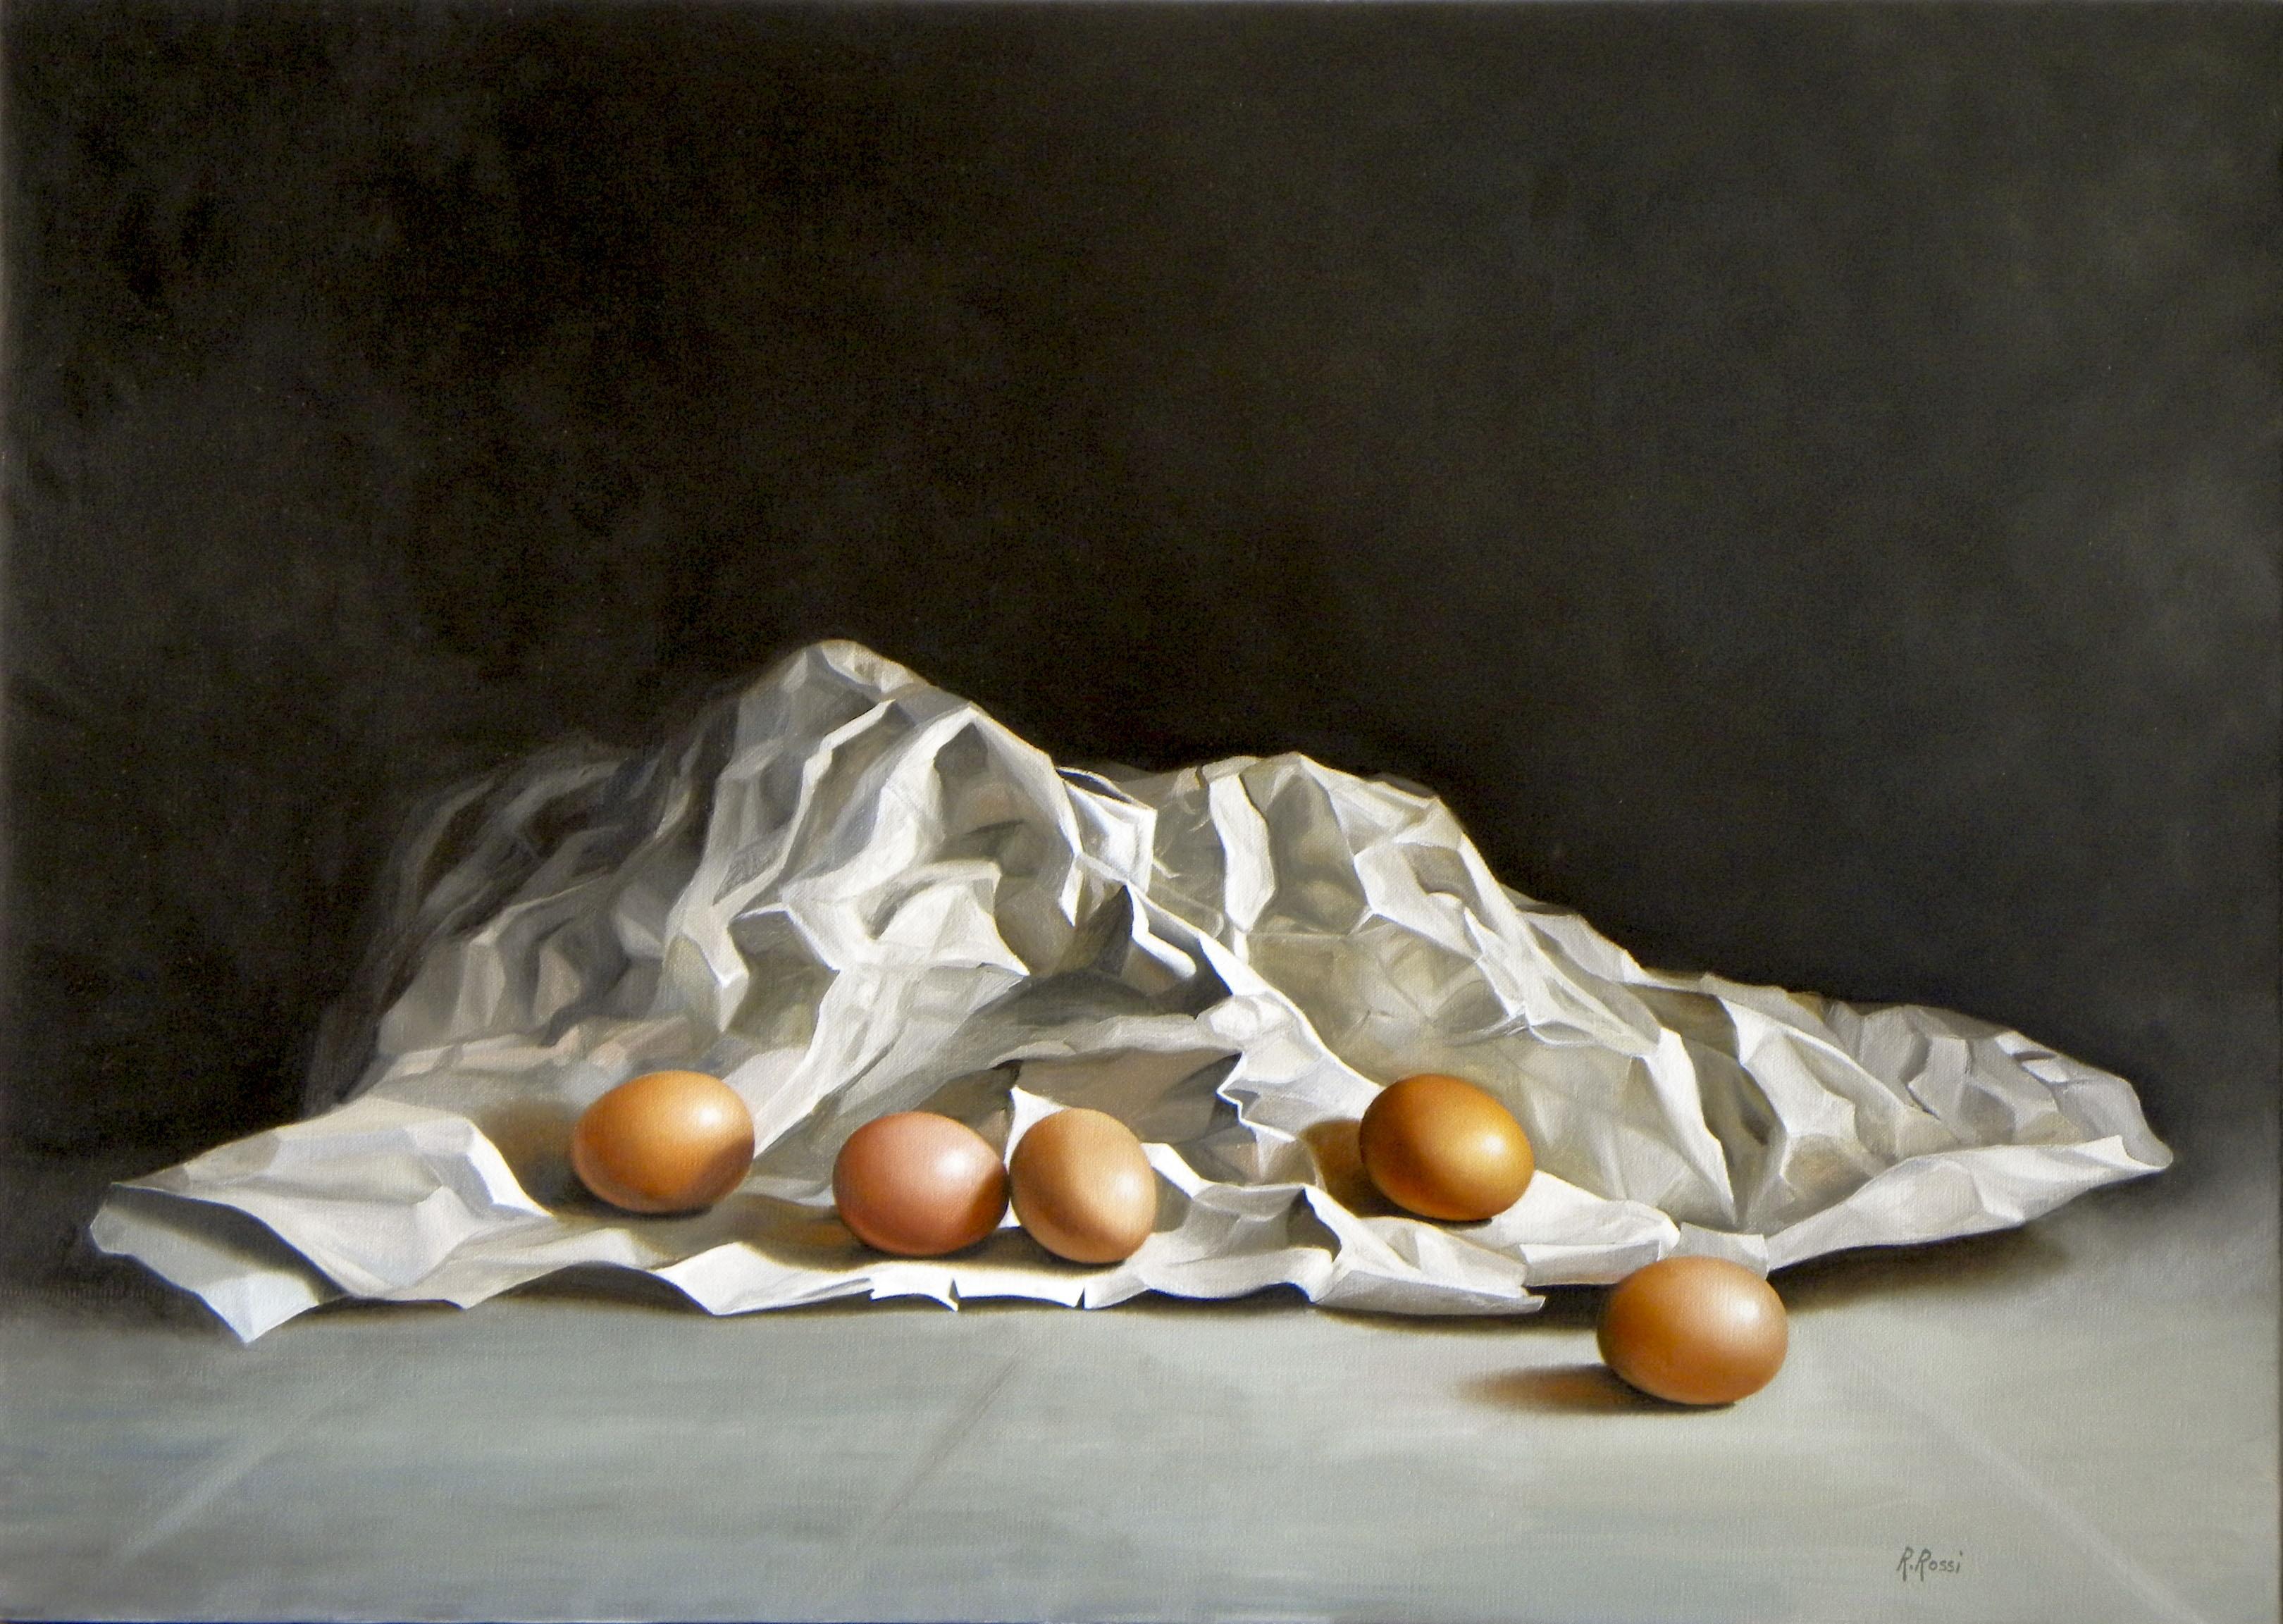 2012 roberta rossi - uova nel cartoccio - olio su tela - 50 x 70